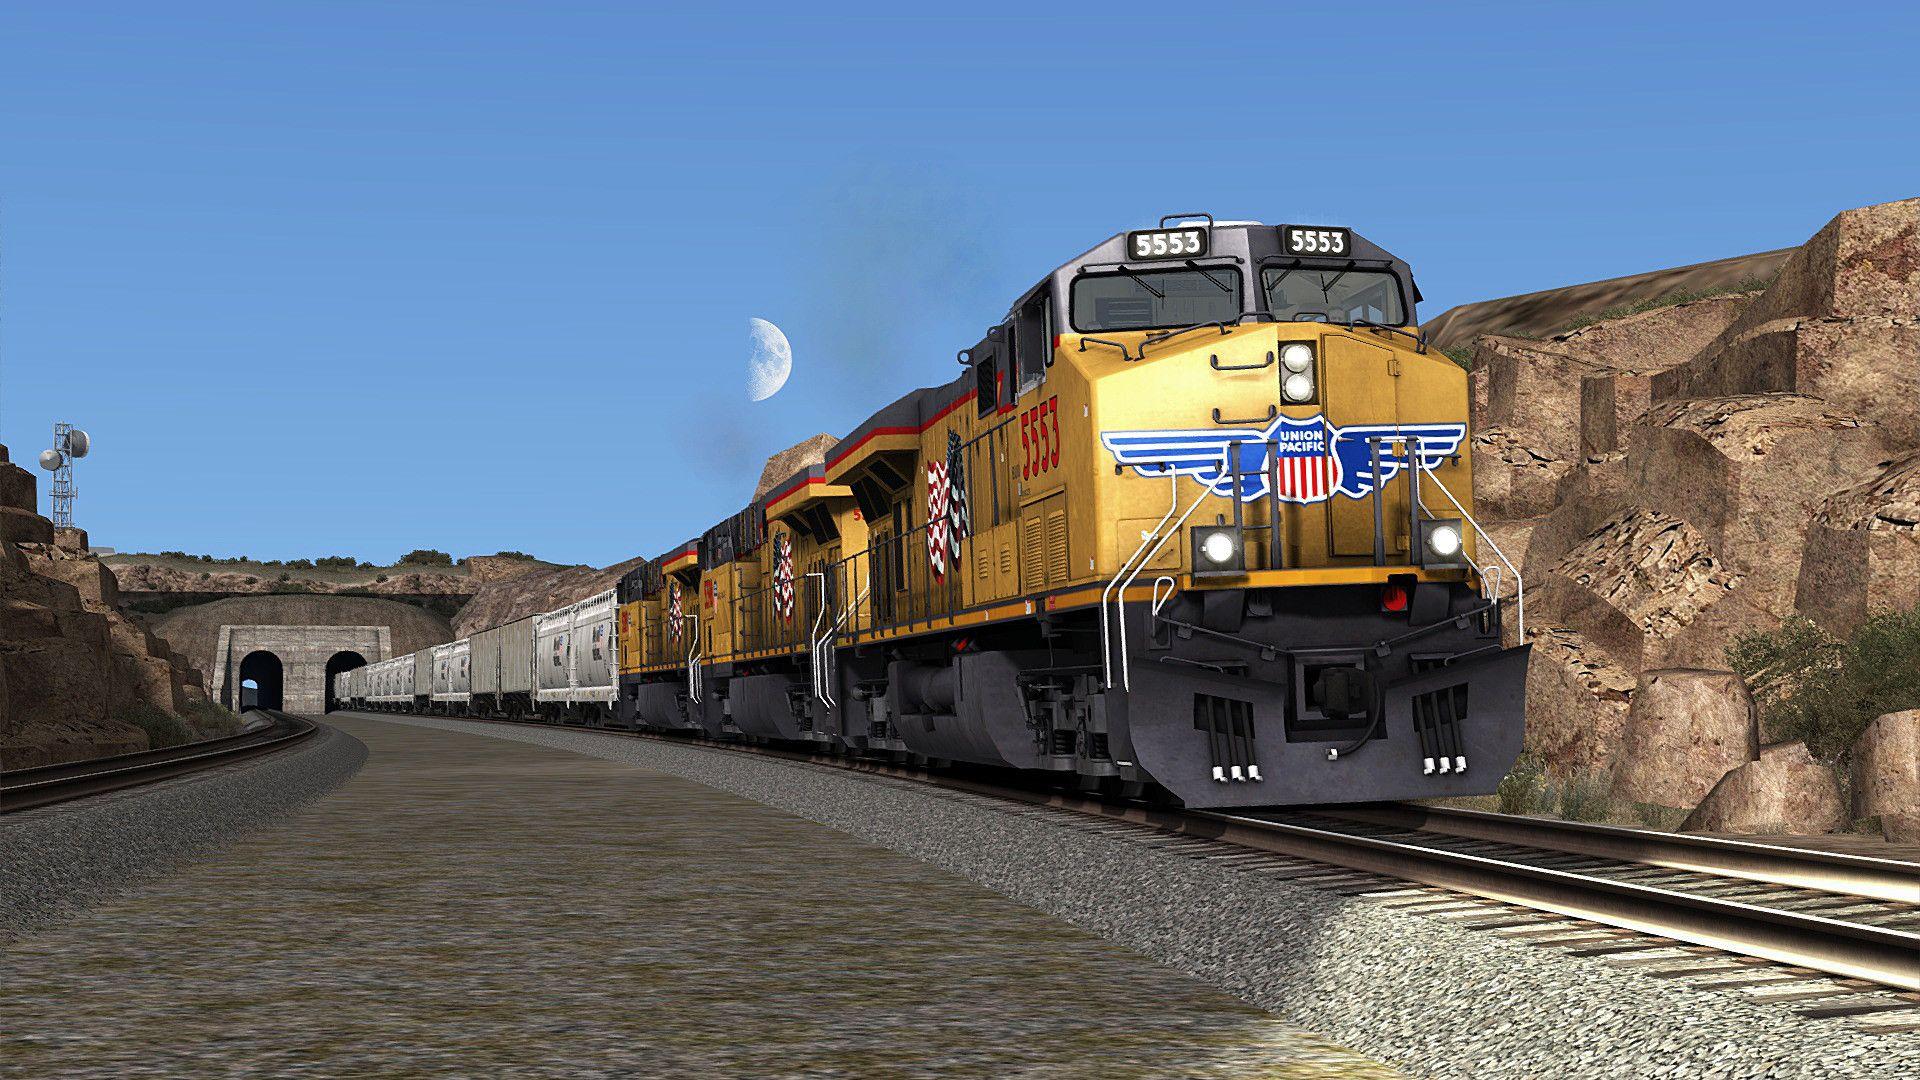 Train Simulator Battle for Sherman Hill